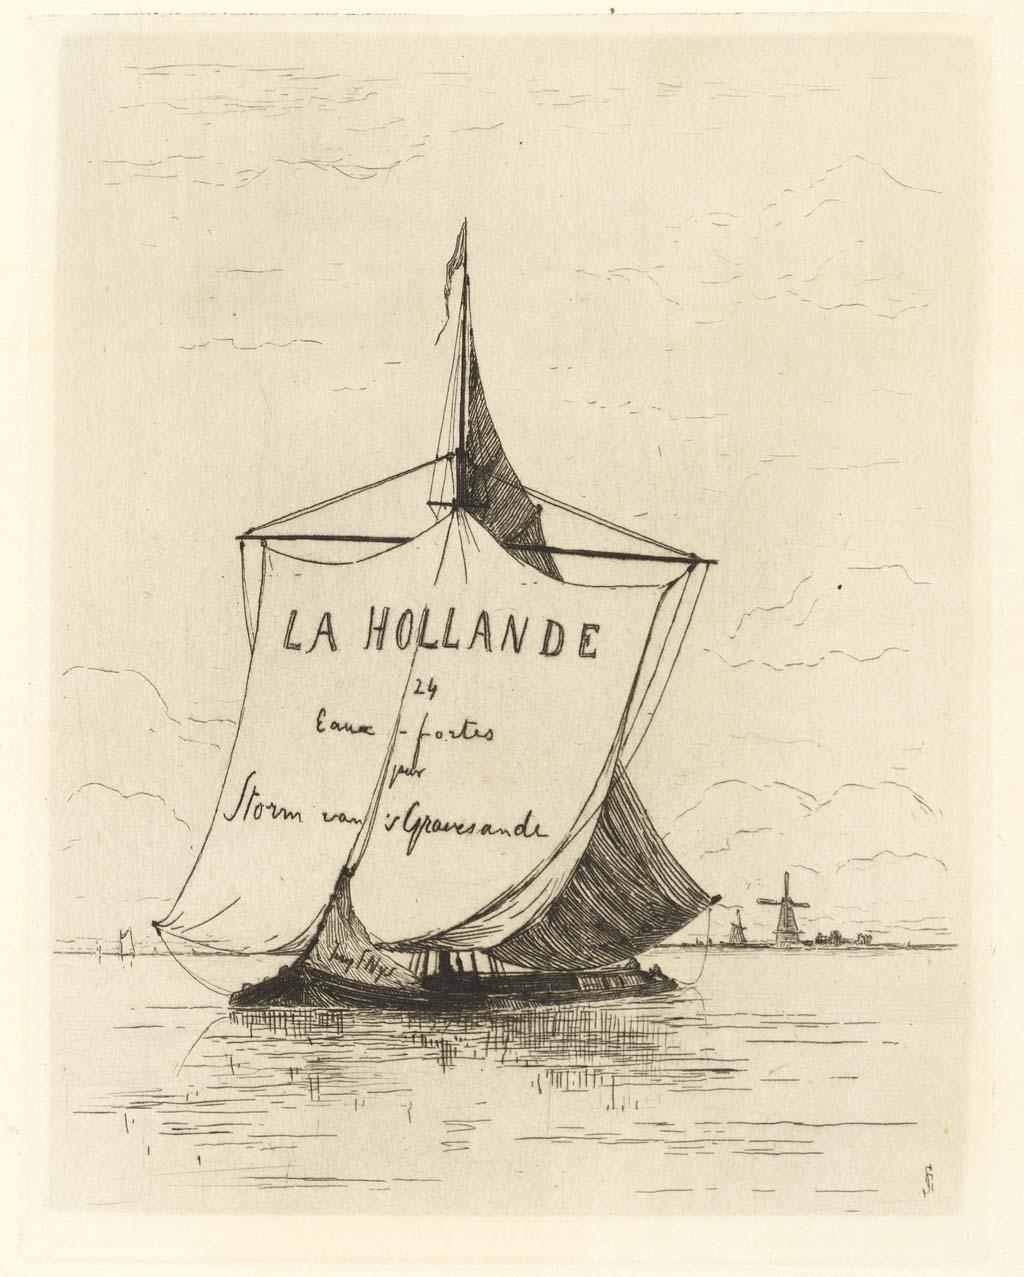 Album en 13 etsen 'La Hollande' door Storm van 's-Gravensande'